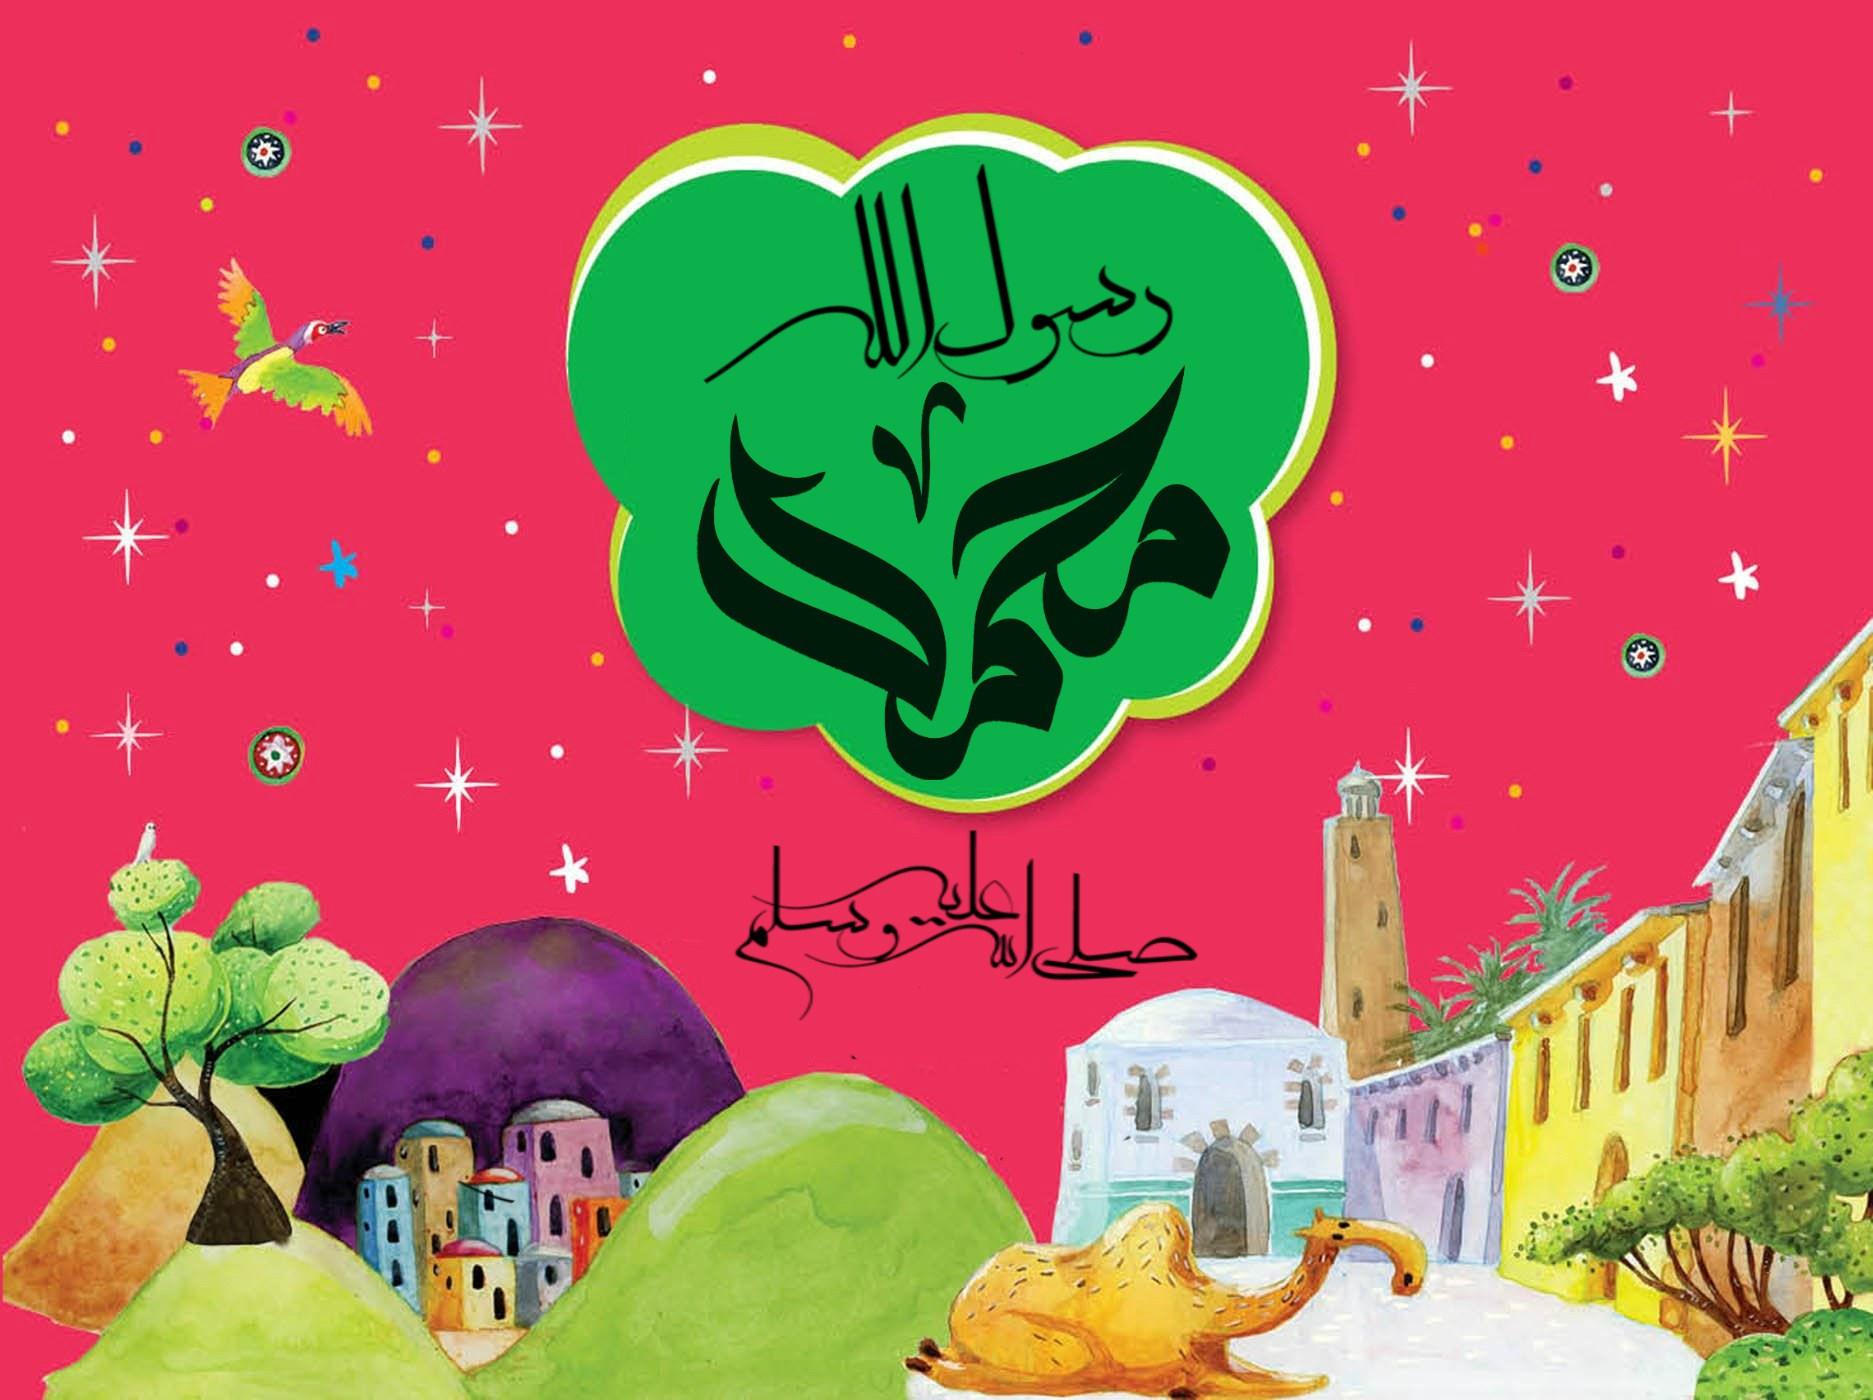 بالصور قصة عن الطفولة , اجمل قصة عن طفولة النبي محمد 4511